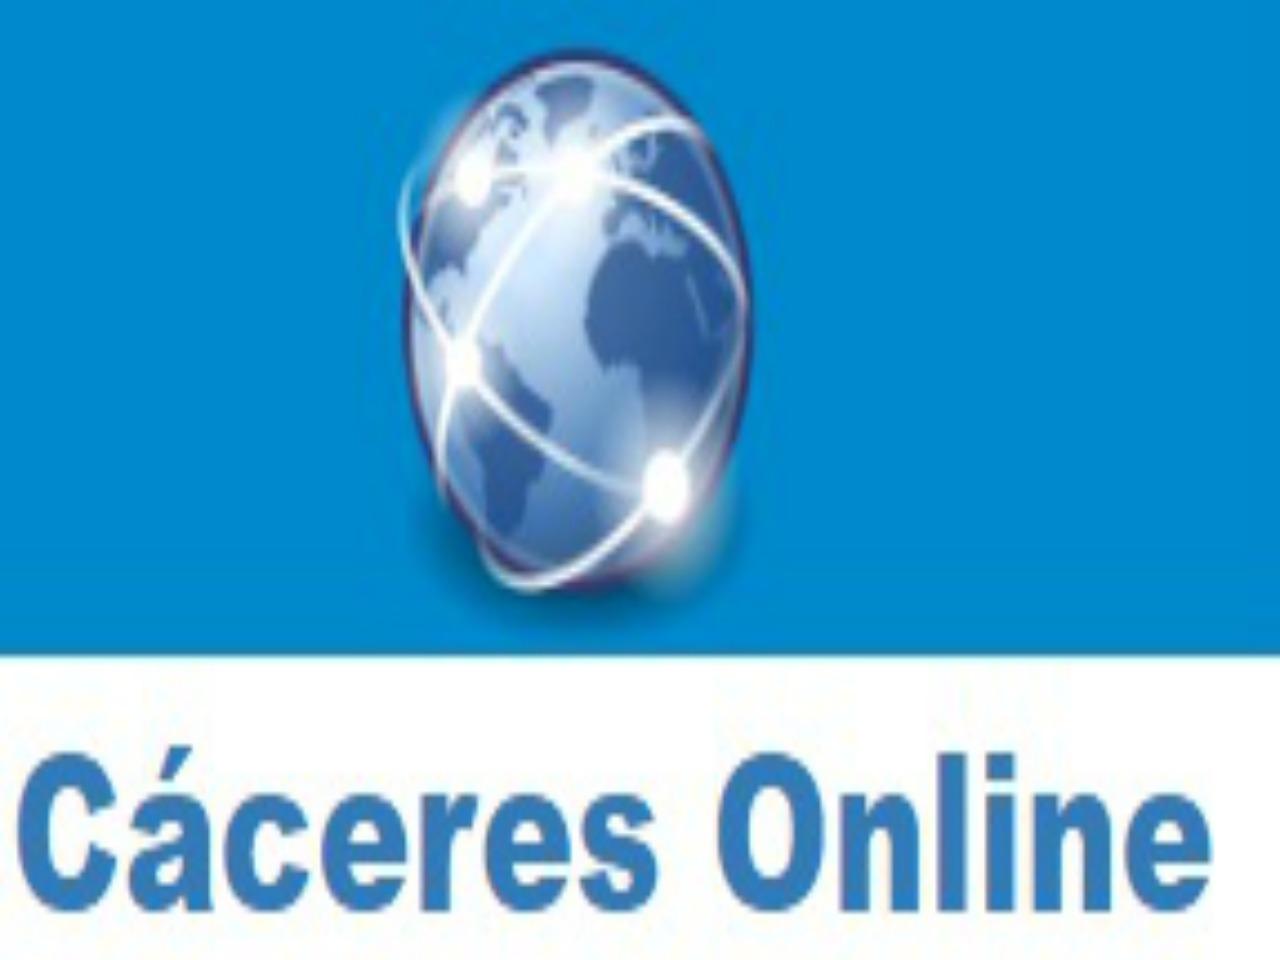 CACERES ONLINE, PUBLICIDAD ECONÓMICA EN CÁCERES